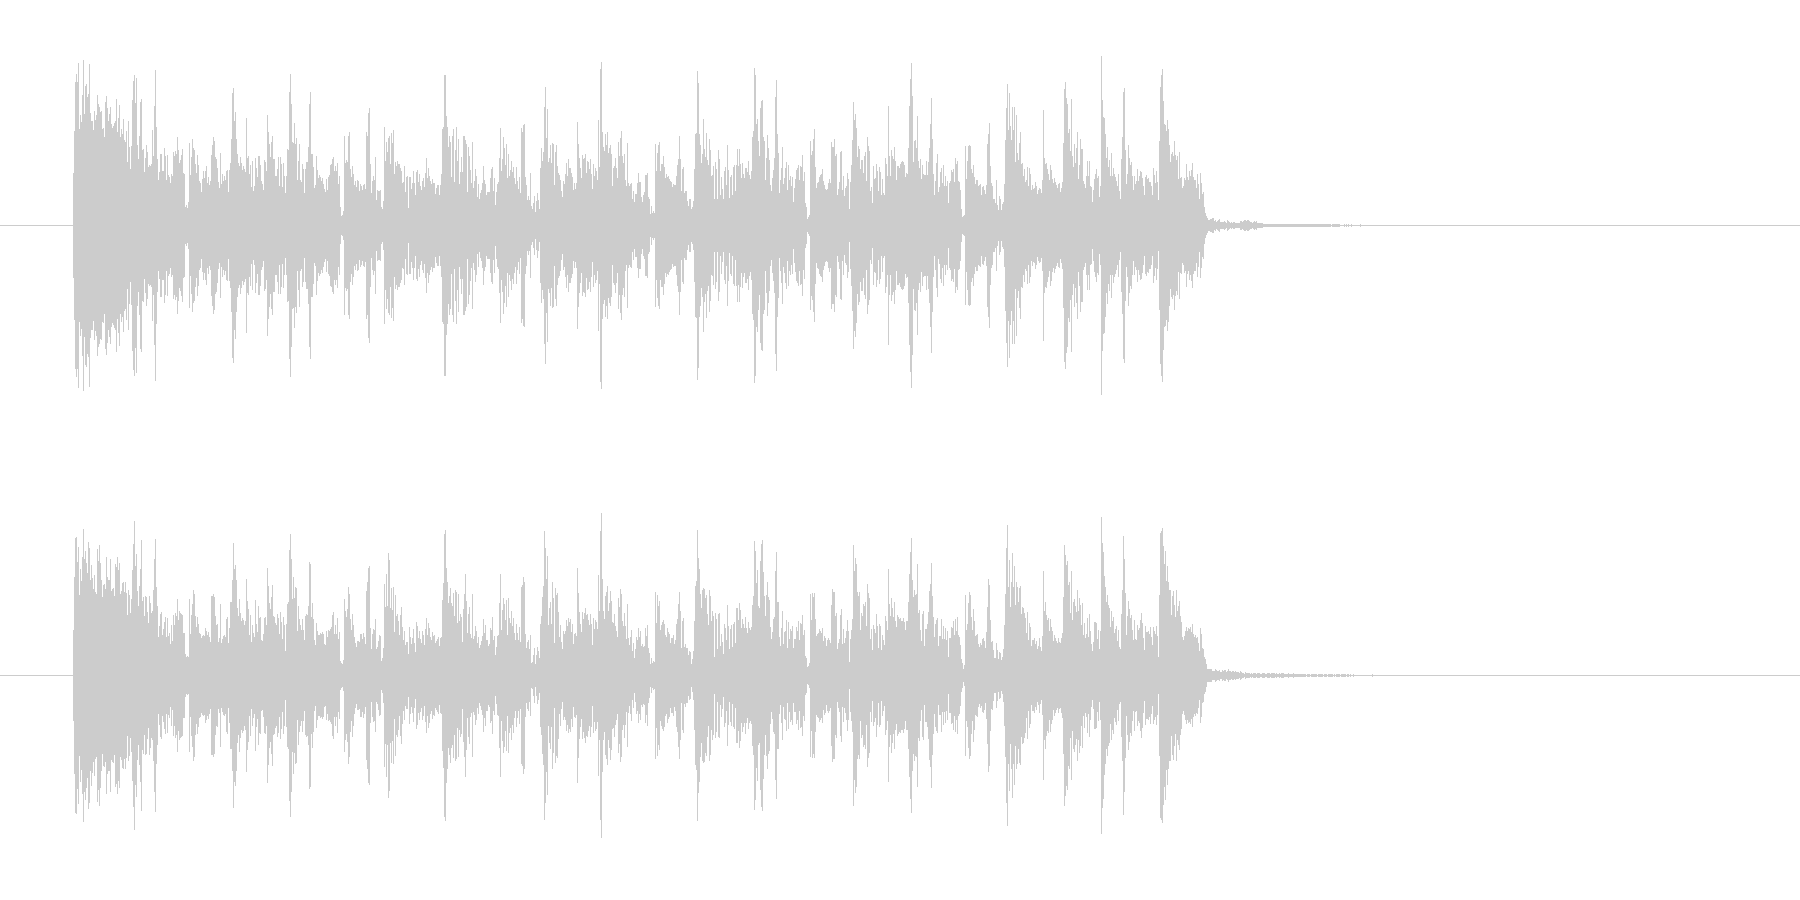 サンバ風なジングル曲、サウンドロゴの未再生の波形